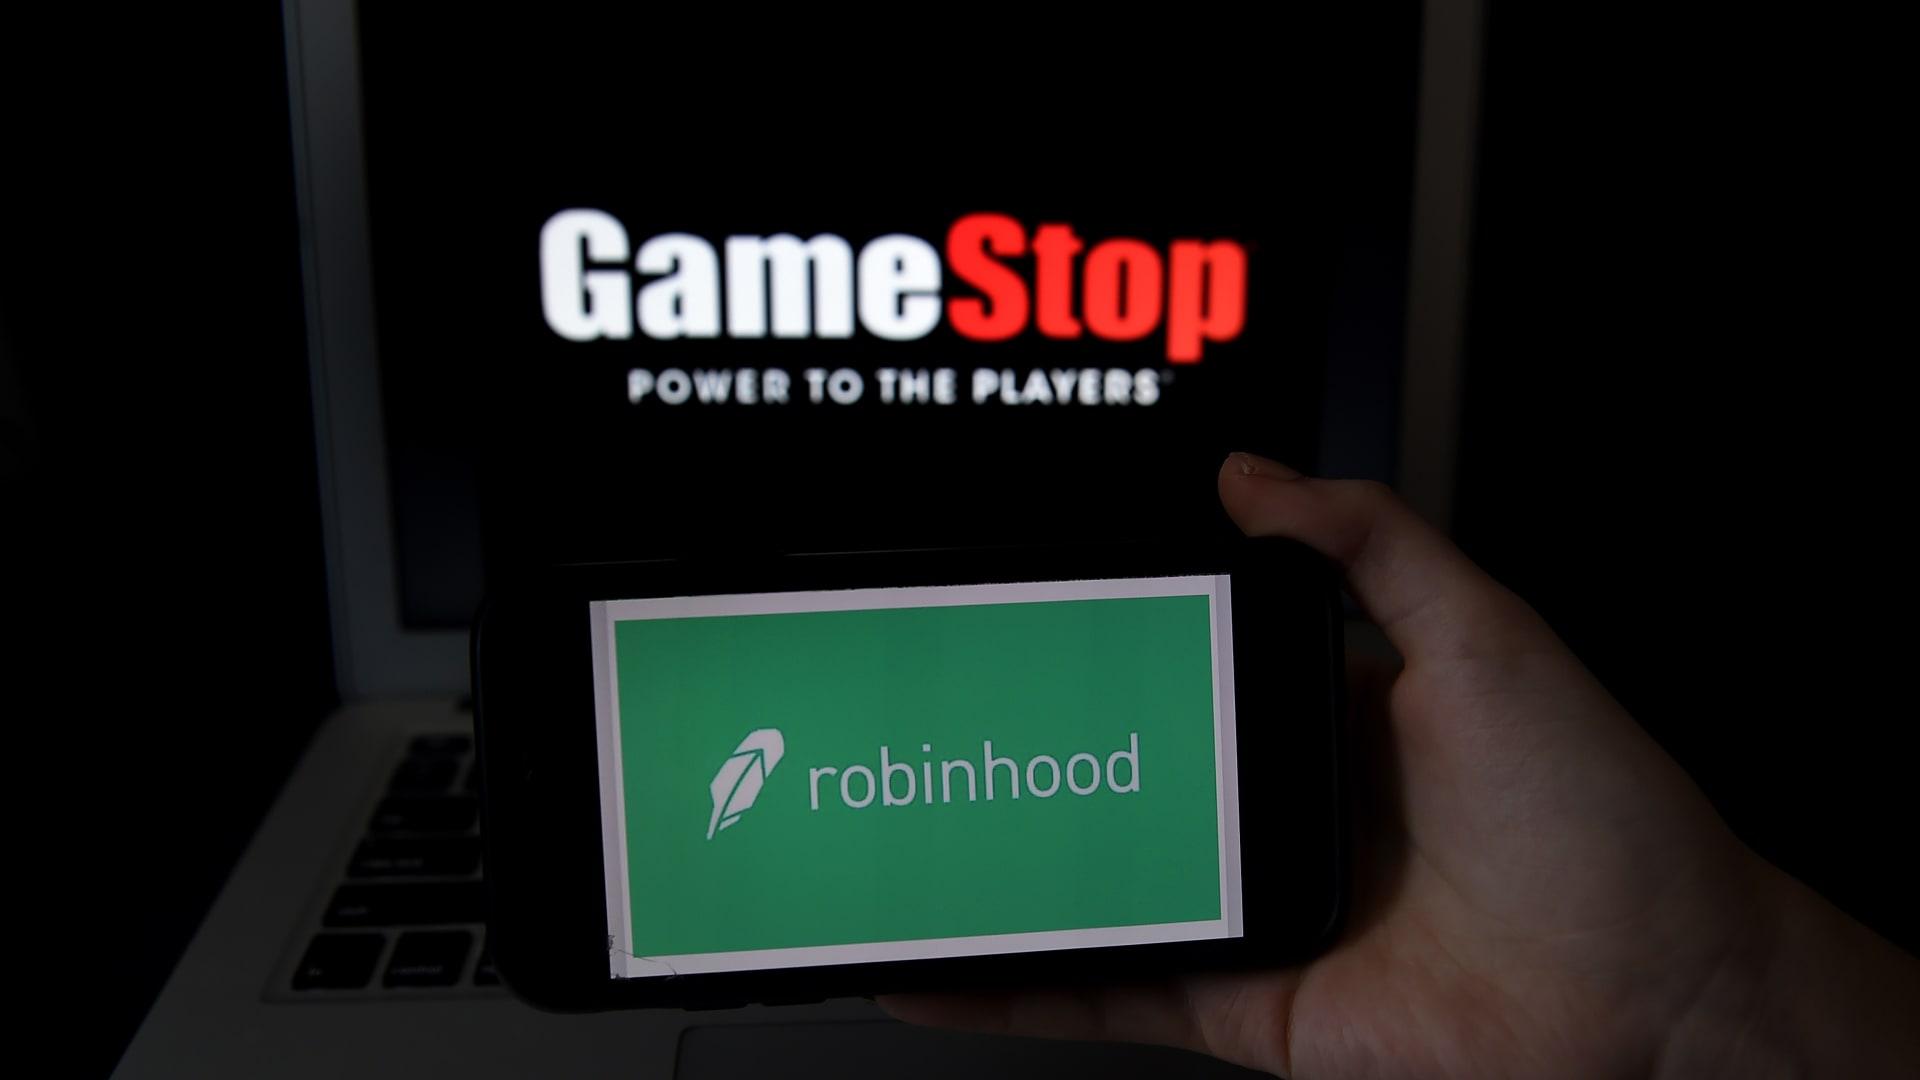 هل أنت متحير بشأن ملحمة GameStop في وول ستريت؟ إليك 5 أشياء تحتاج إلى معرفتها